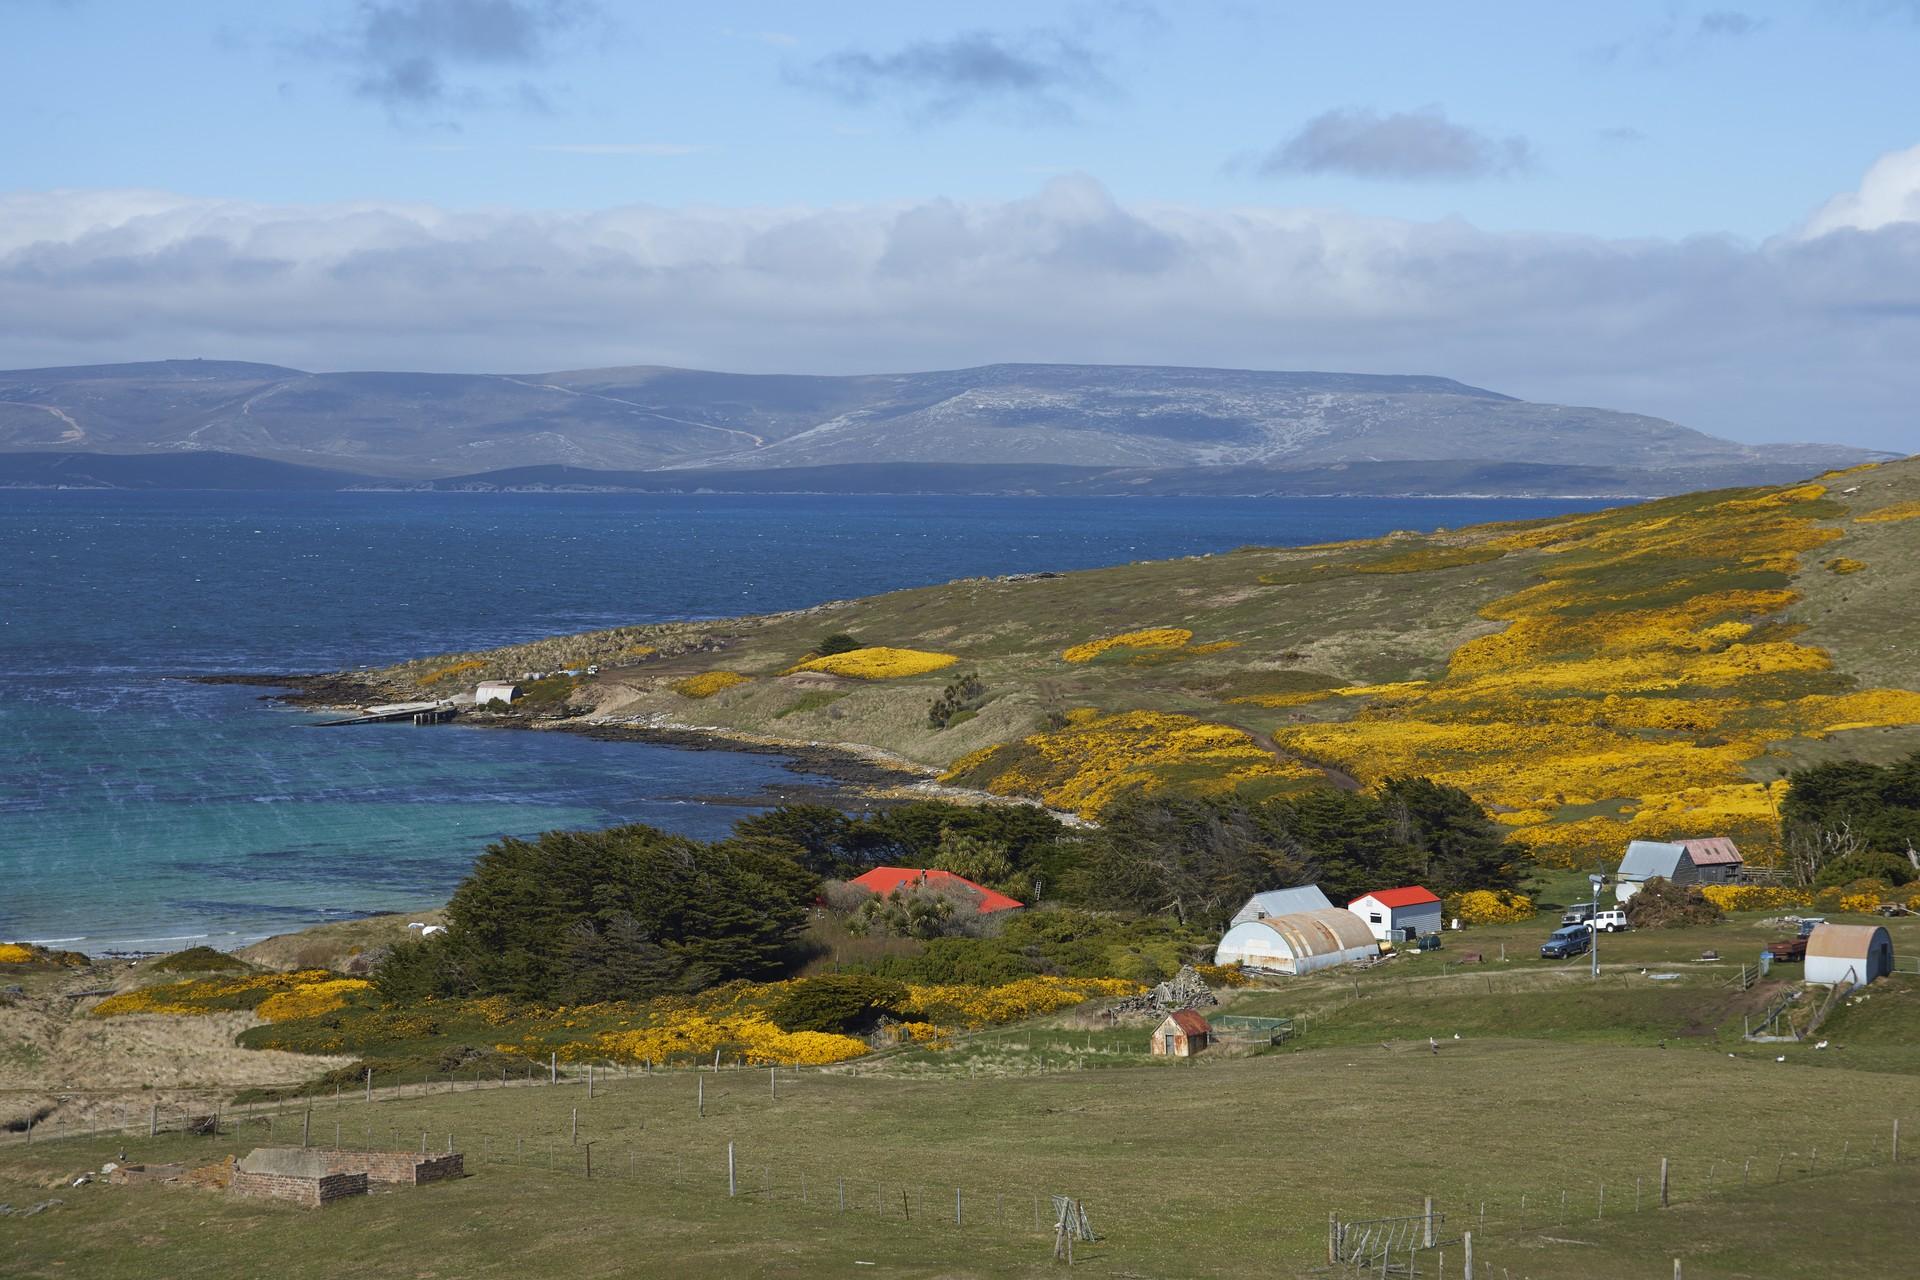 Farm on Carcass Island, Falklands